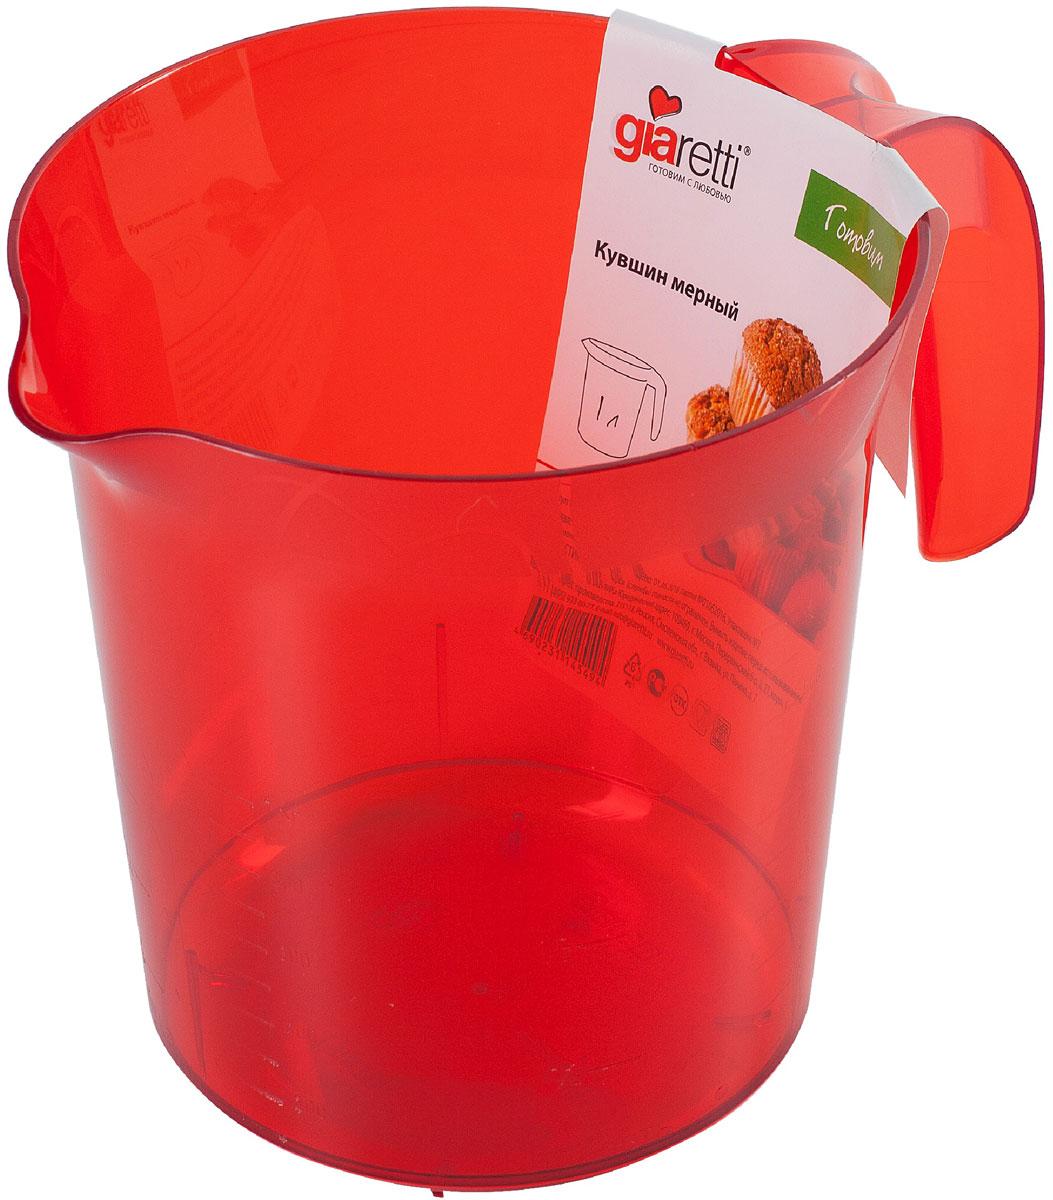 Стакан мерный Giaretti, цвет: красный, 1 лFS-91909Мерный прозрачный стакан Giaretti выполнен из высококачественного пластика. Стакан оснащен удобной ручкой и носиком, которые делают изделие еще более простым в использовании. Он позволяет мерить жидкости до 1 л. Удобная форма стакана позволяет как отмерить необходимое количество продукта, так и взбить/замесить его непосредственно в прямо в этой же емкости.Такой стаканчик пригодится каждой хозяйке на кухне, ведь зачастую приготовление некоторых блюд требует известной точности.Объем: 1 л.Диаметр (по верхнему краю): 13,5 см.Высота: 15 см.